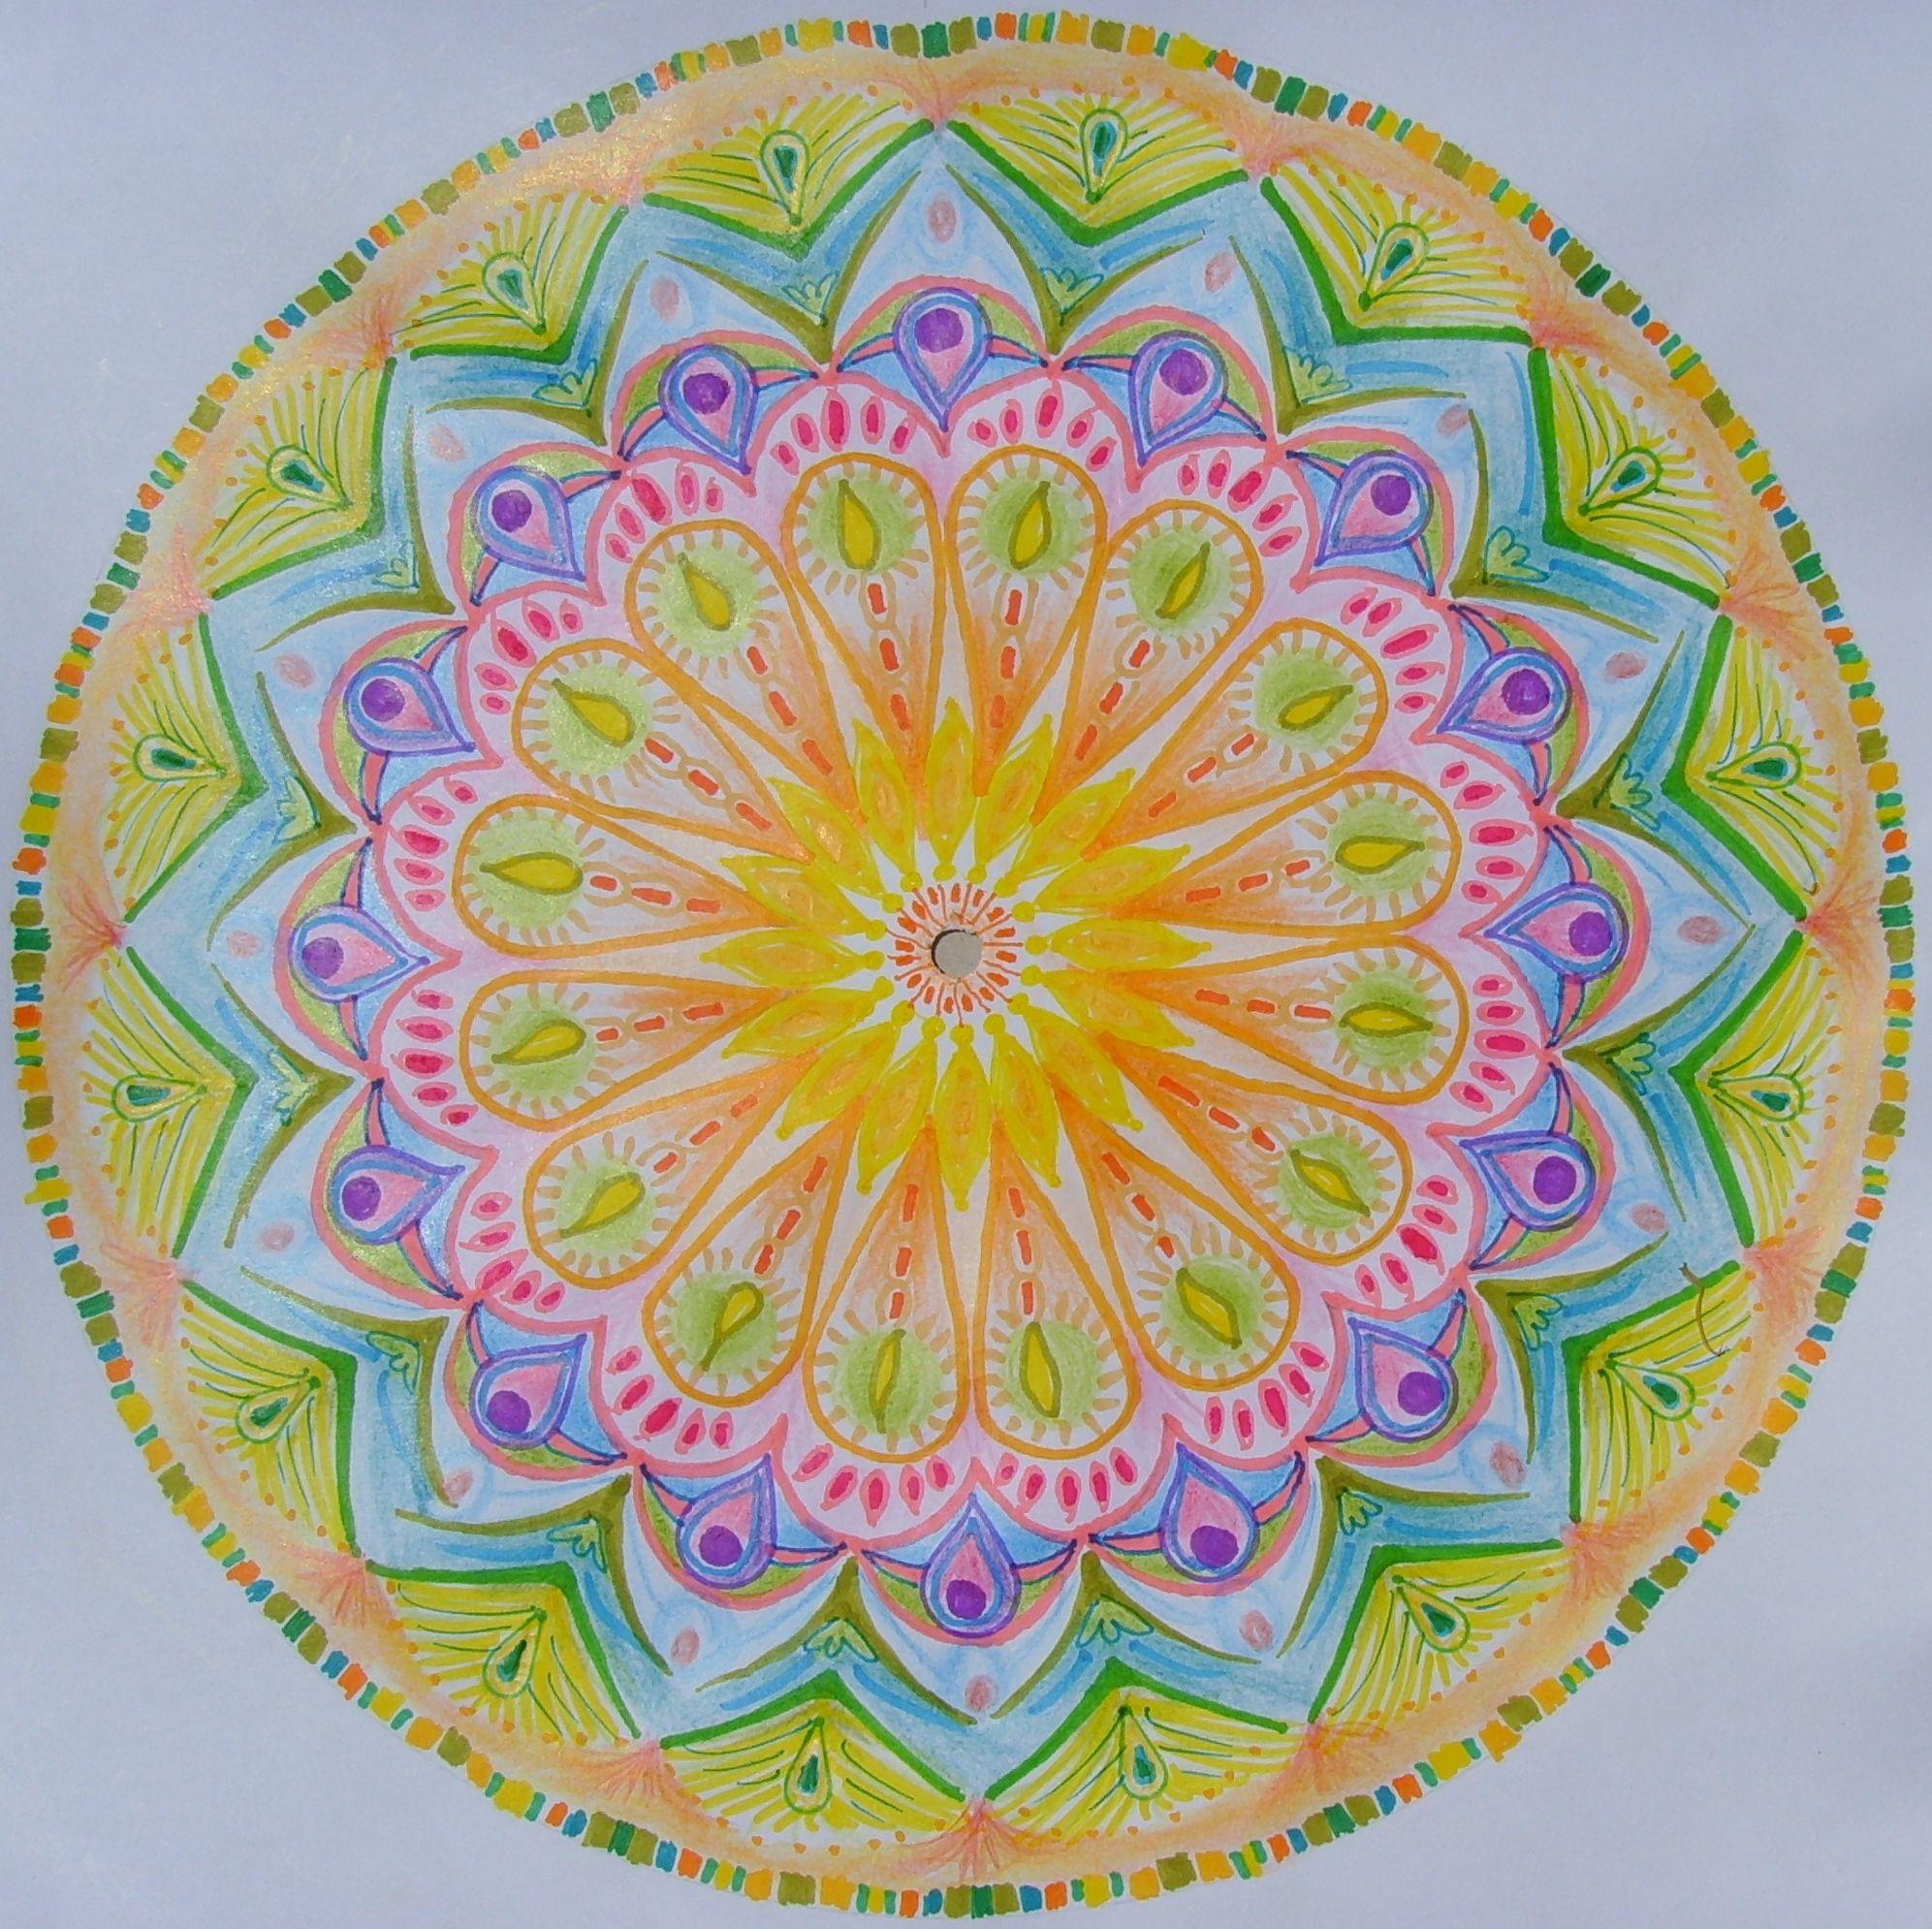 Mosaicgarden Furniture Bobbydaleearnhardt.com